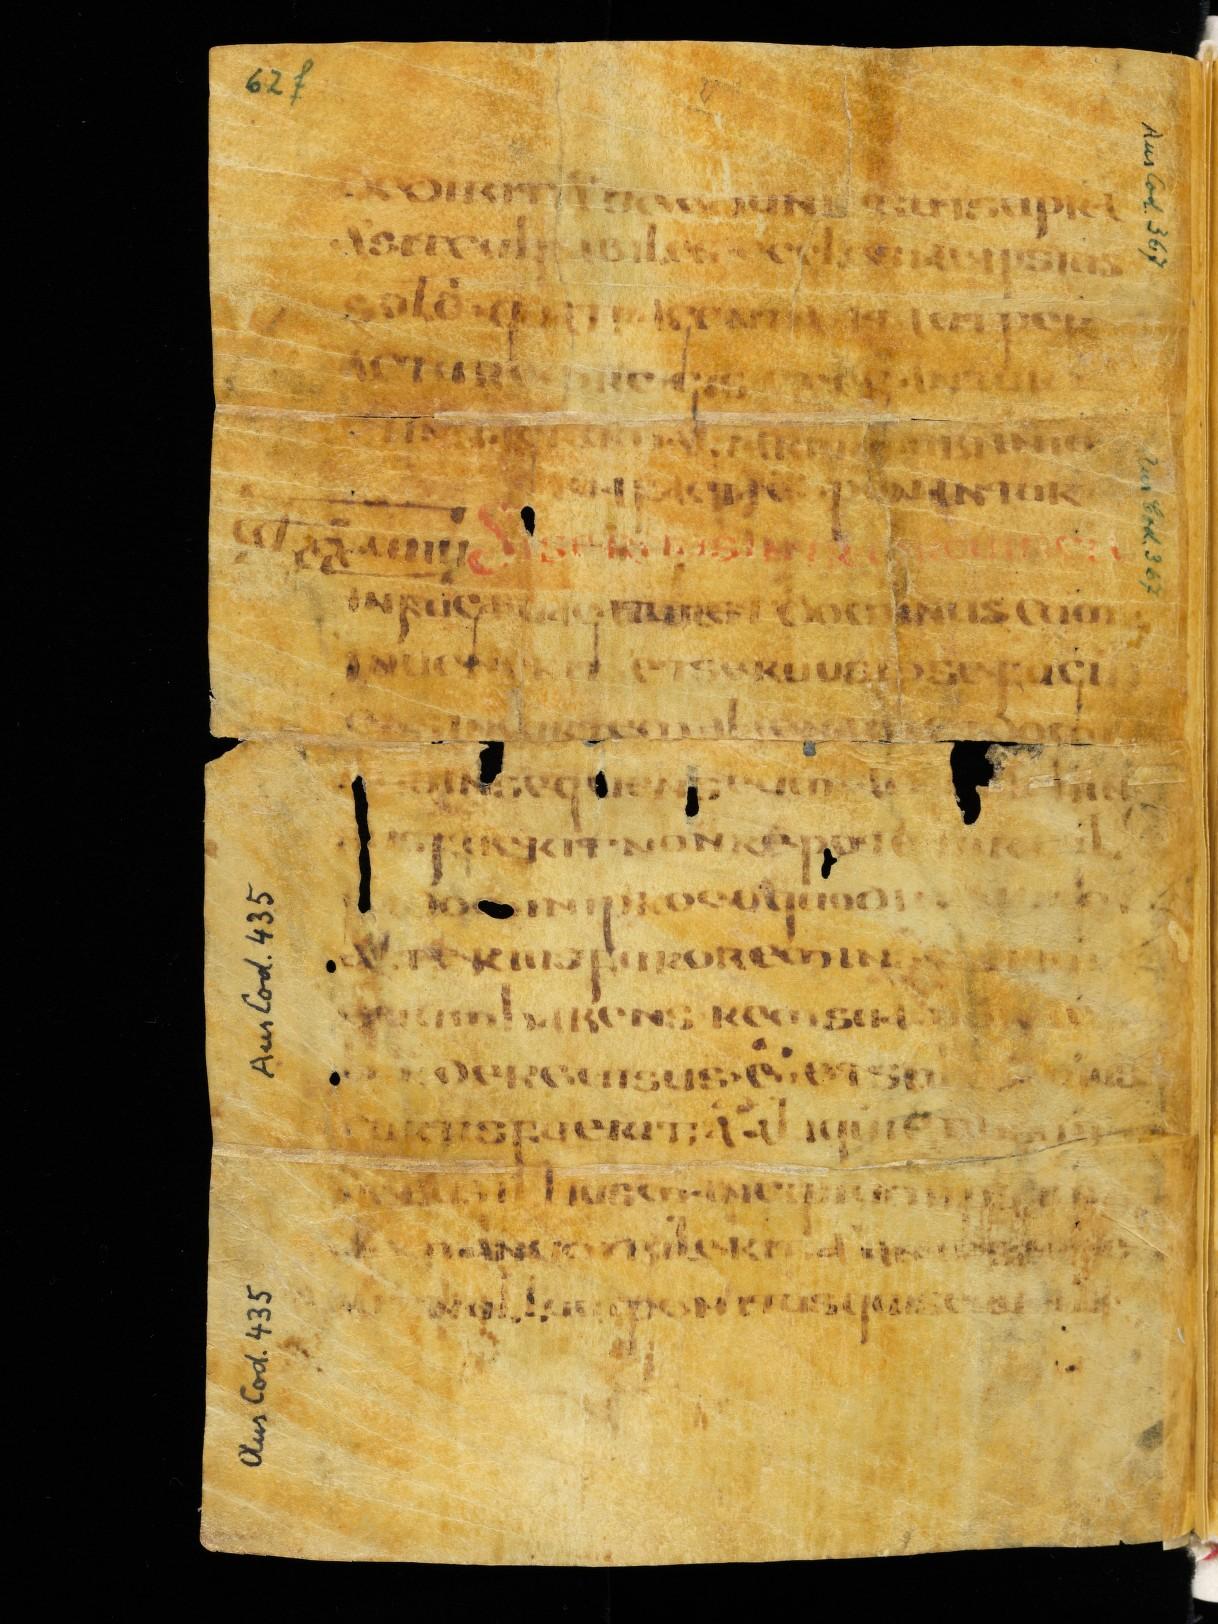 Cod. Sang. 730, p. 62f